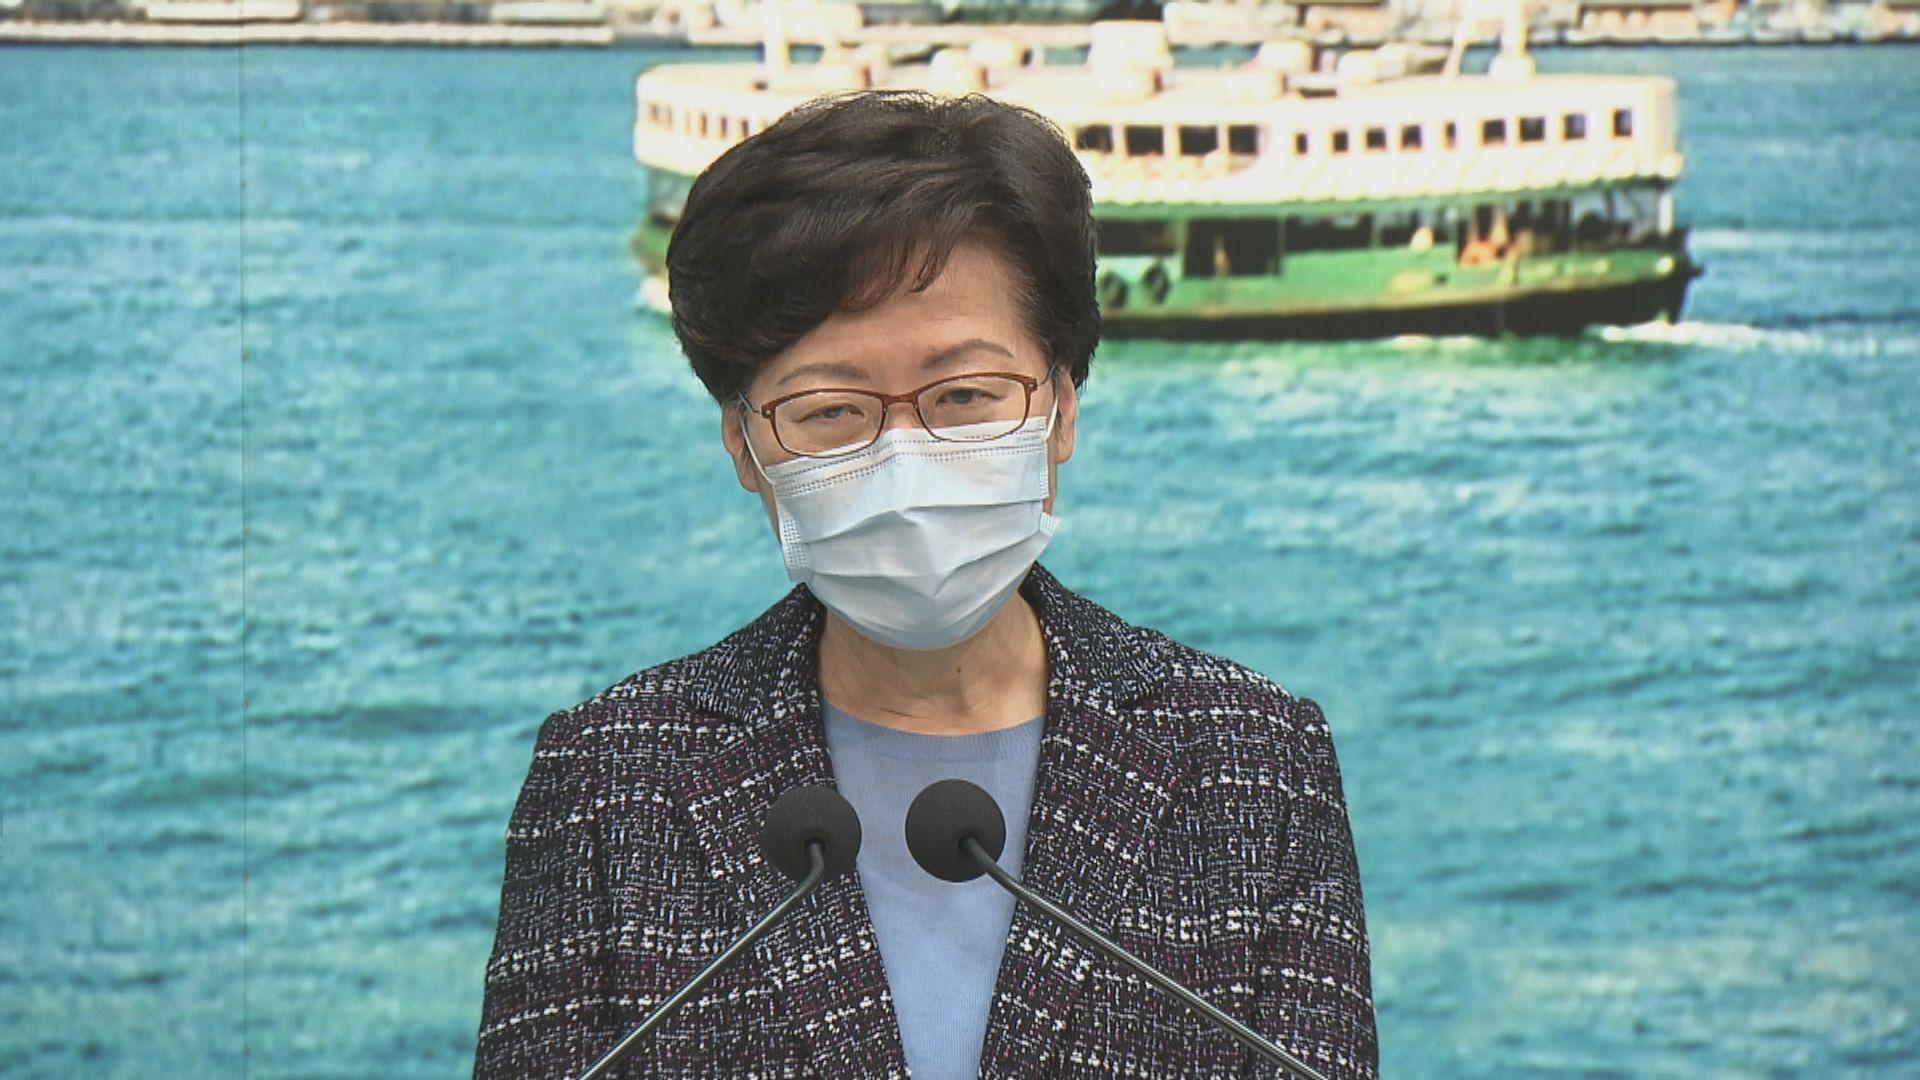 林鄭就出稿混亂致歉 強調中聯辦有權行使監督權